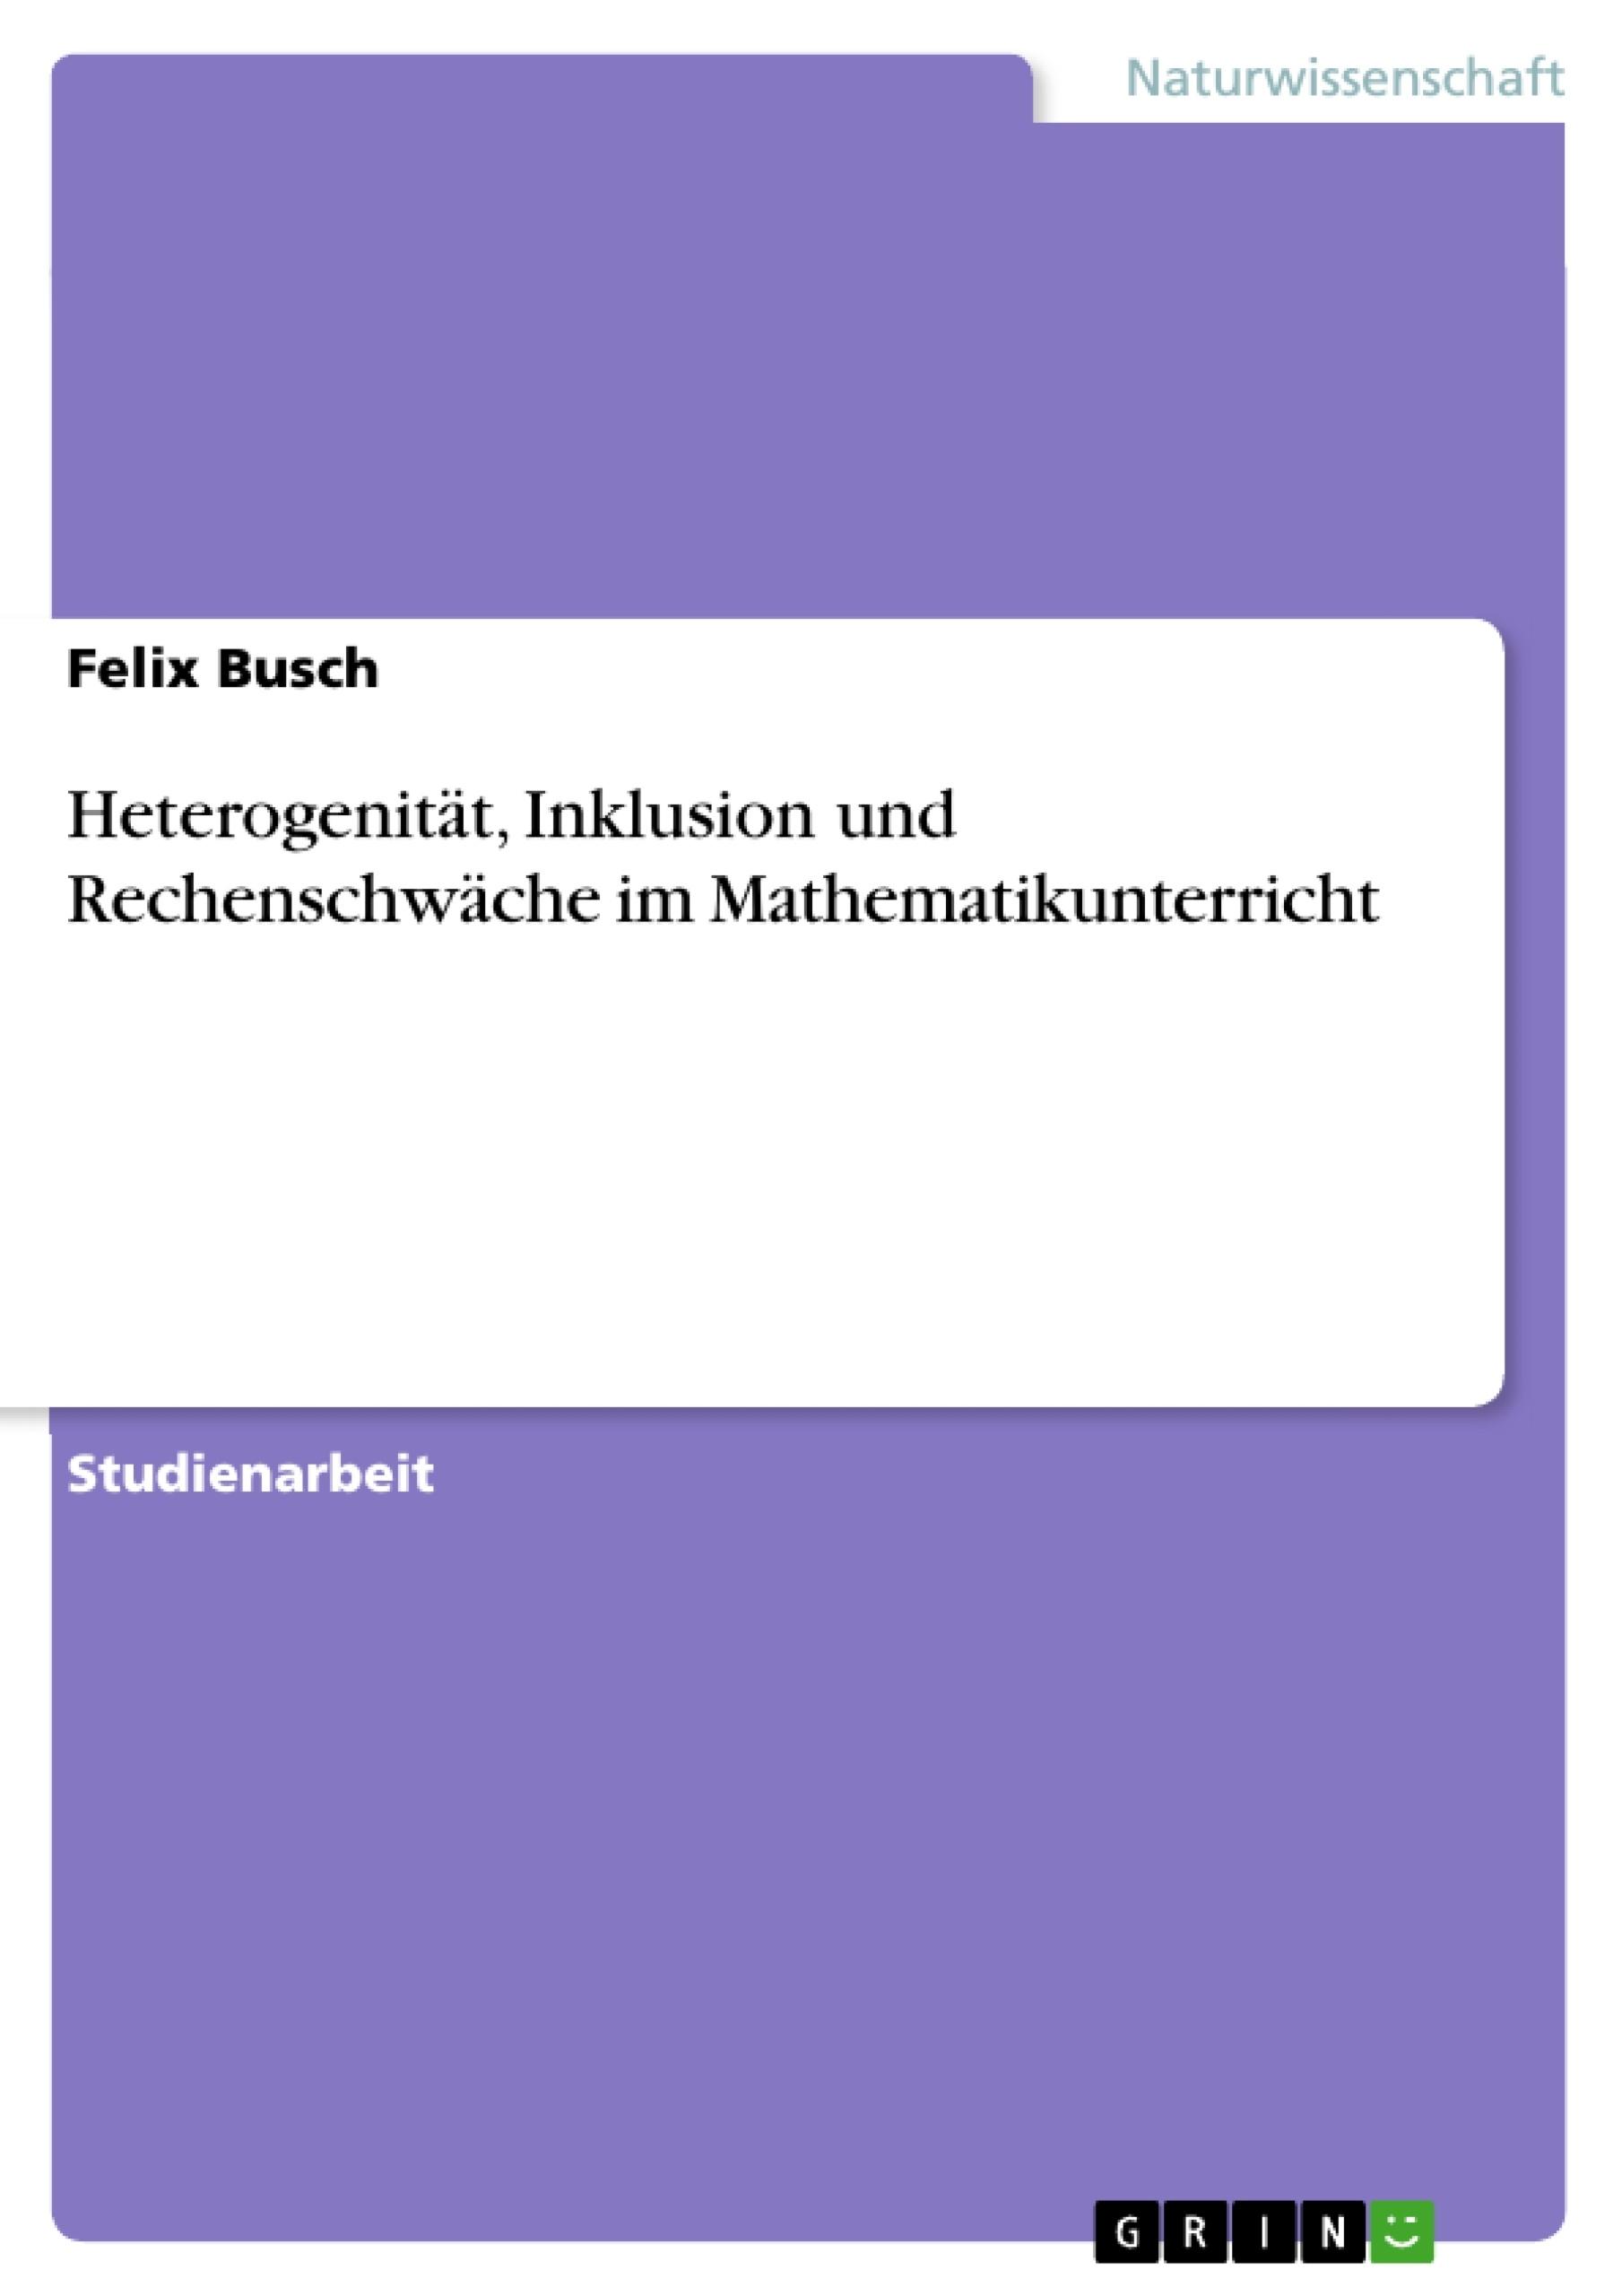 Titel: Heterogenität, Inklusion und Rechenschwäche im Mathematikunterricht